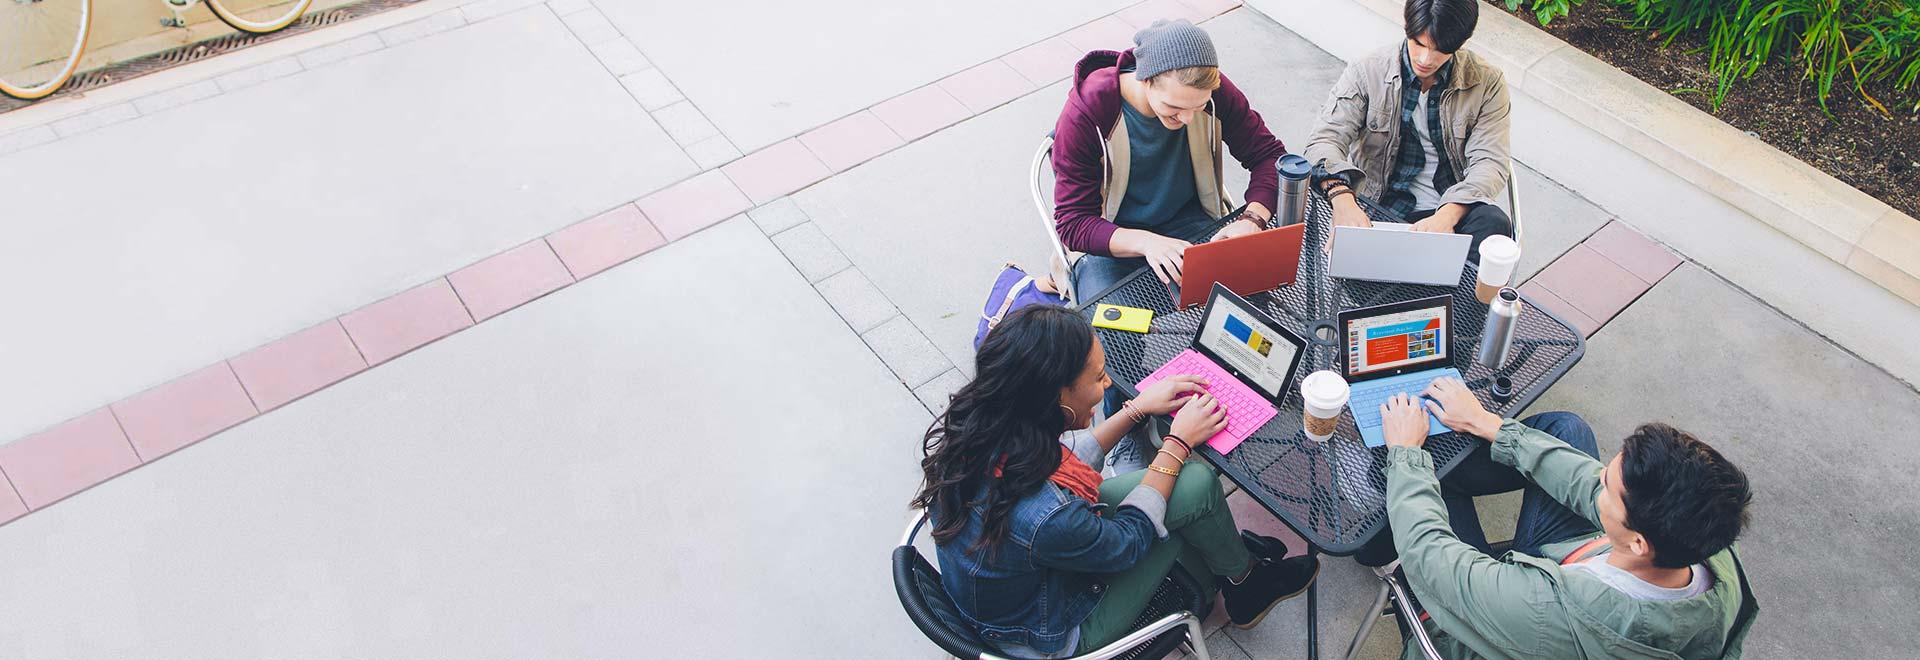 Četri skolēni, kas sēž ārā pie galda un izmanto Office365 izglītības iestādēm planšetdatoros.